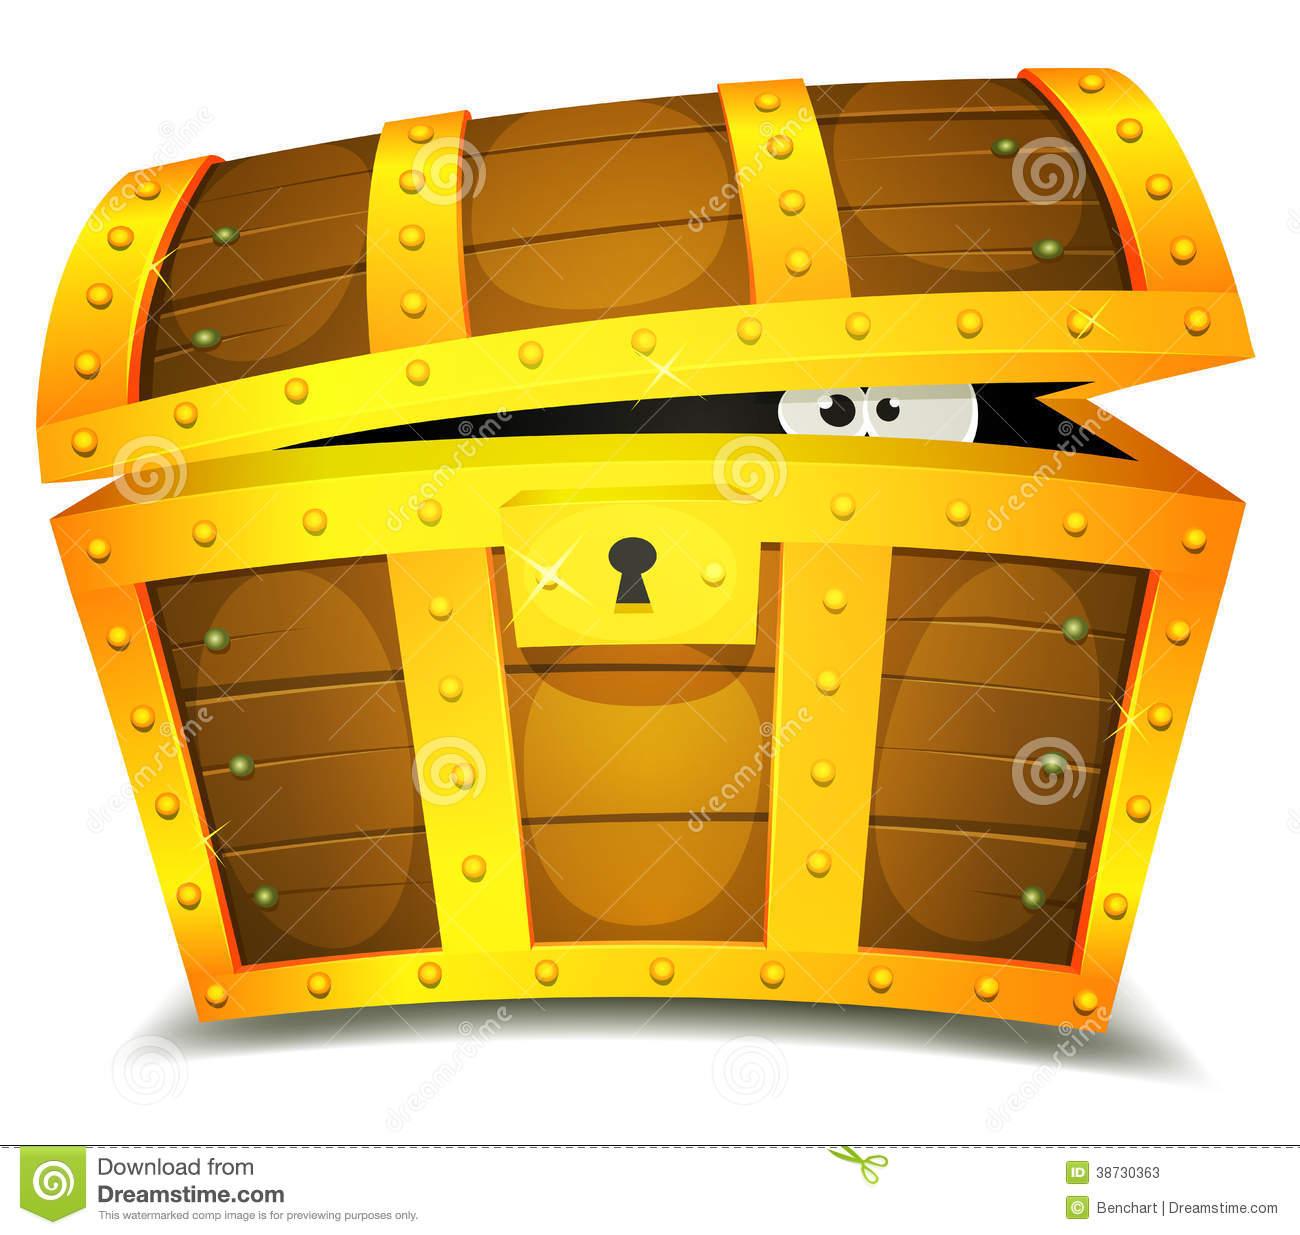 Treasure clipart cute Funny Clipart cliparts Treasure Treasure